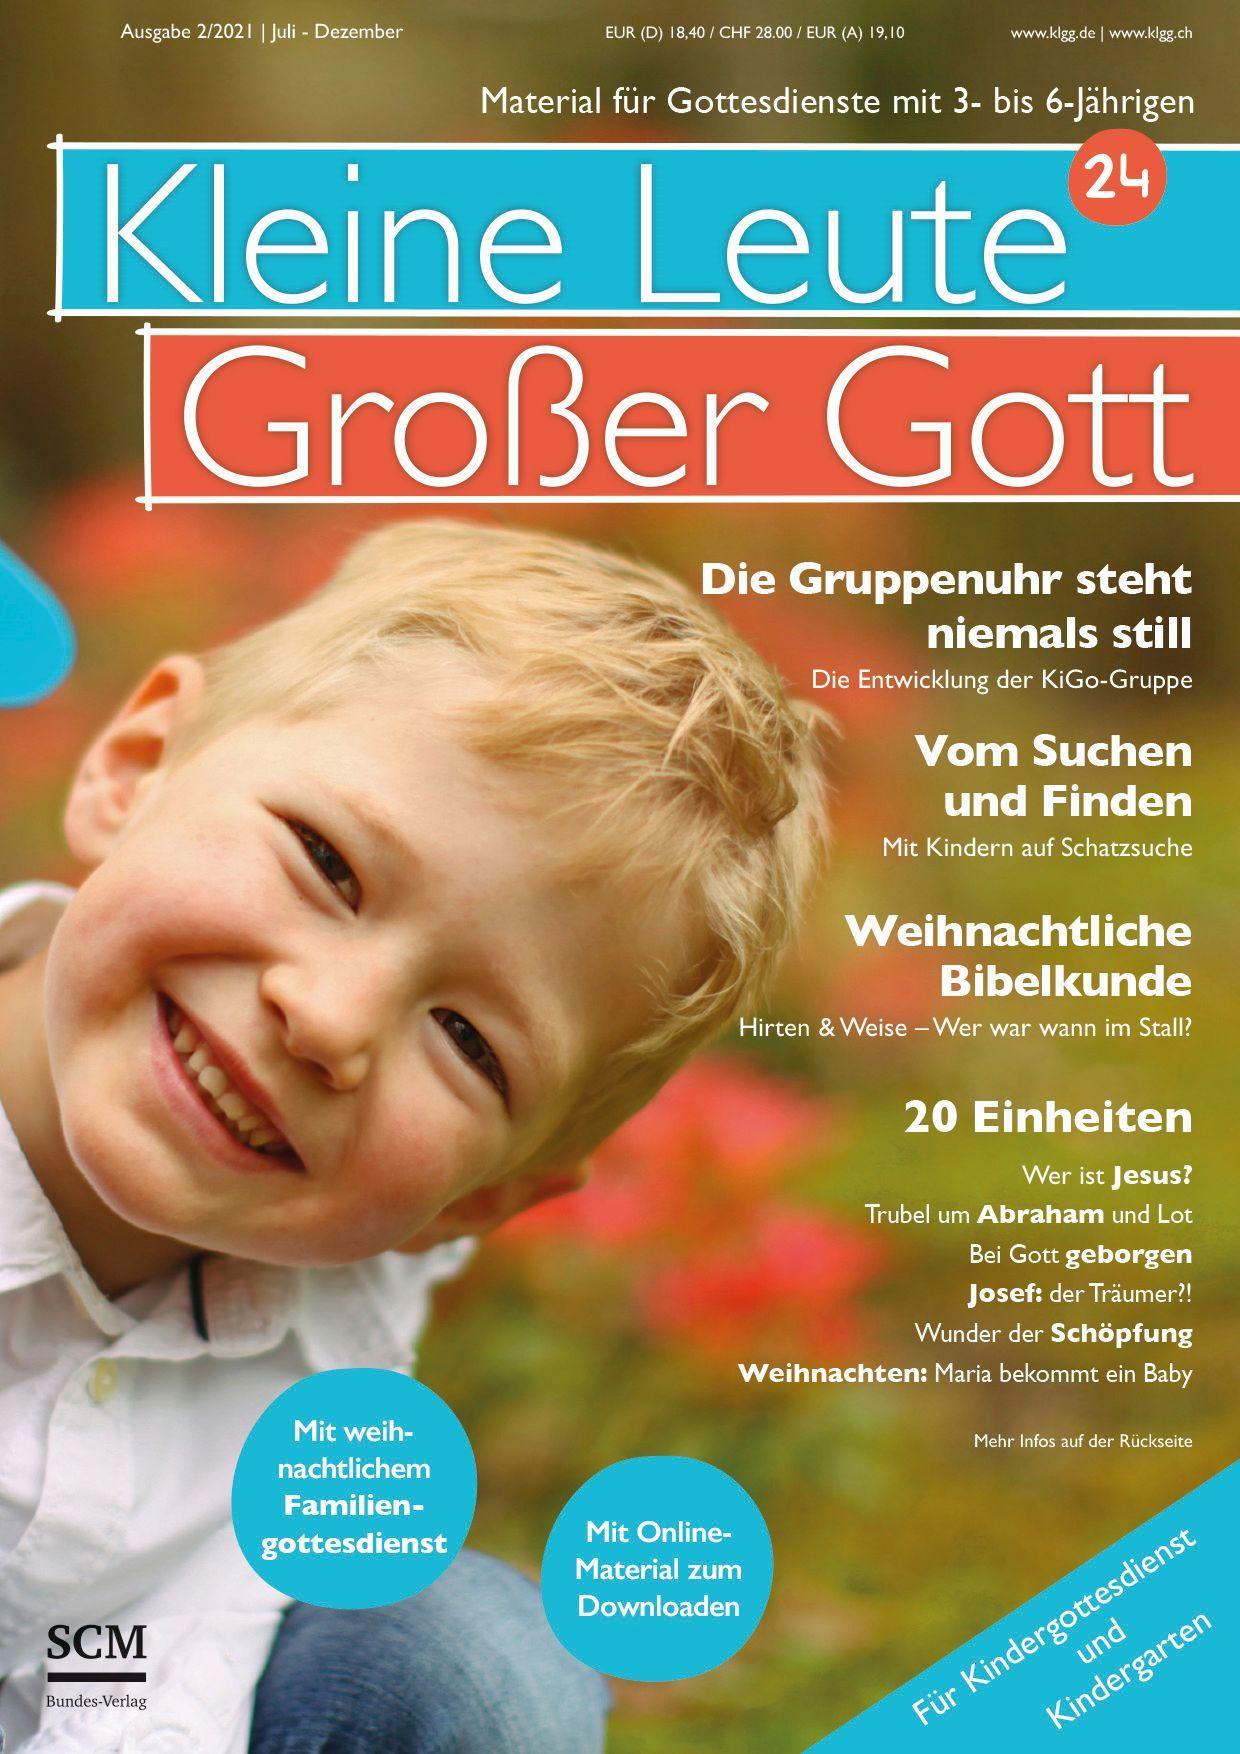 Kleine Leute - Großer Gott 02/2021